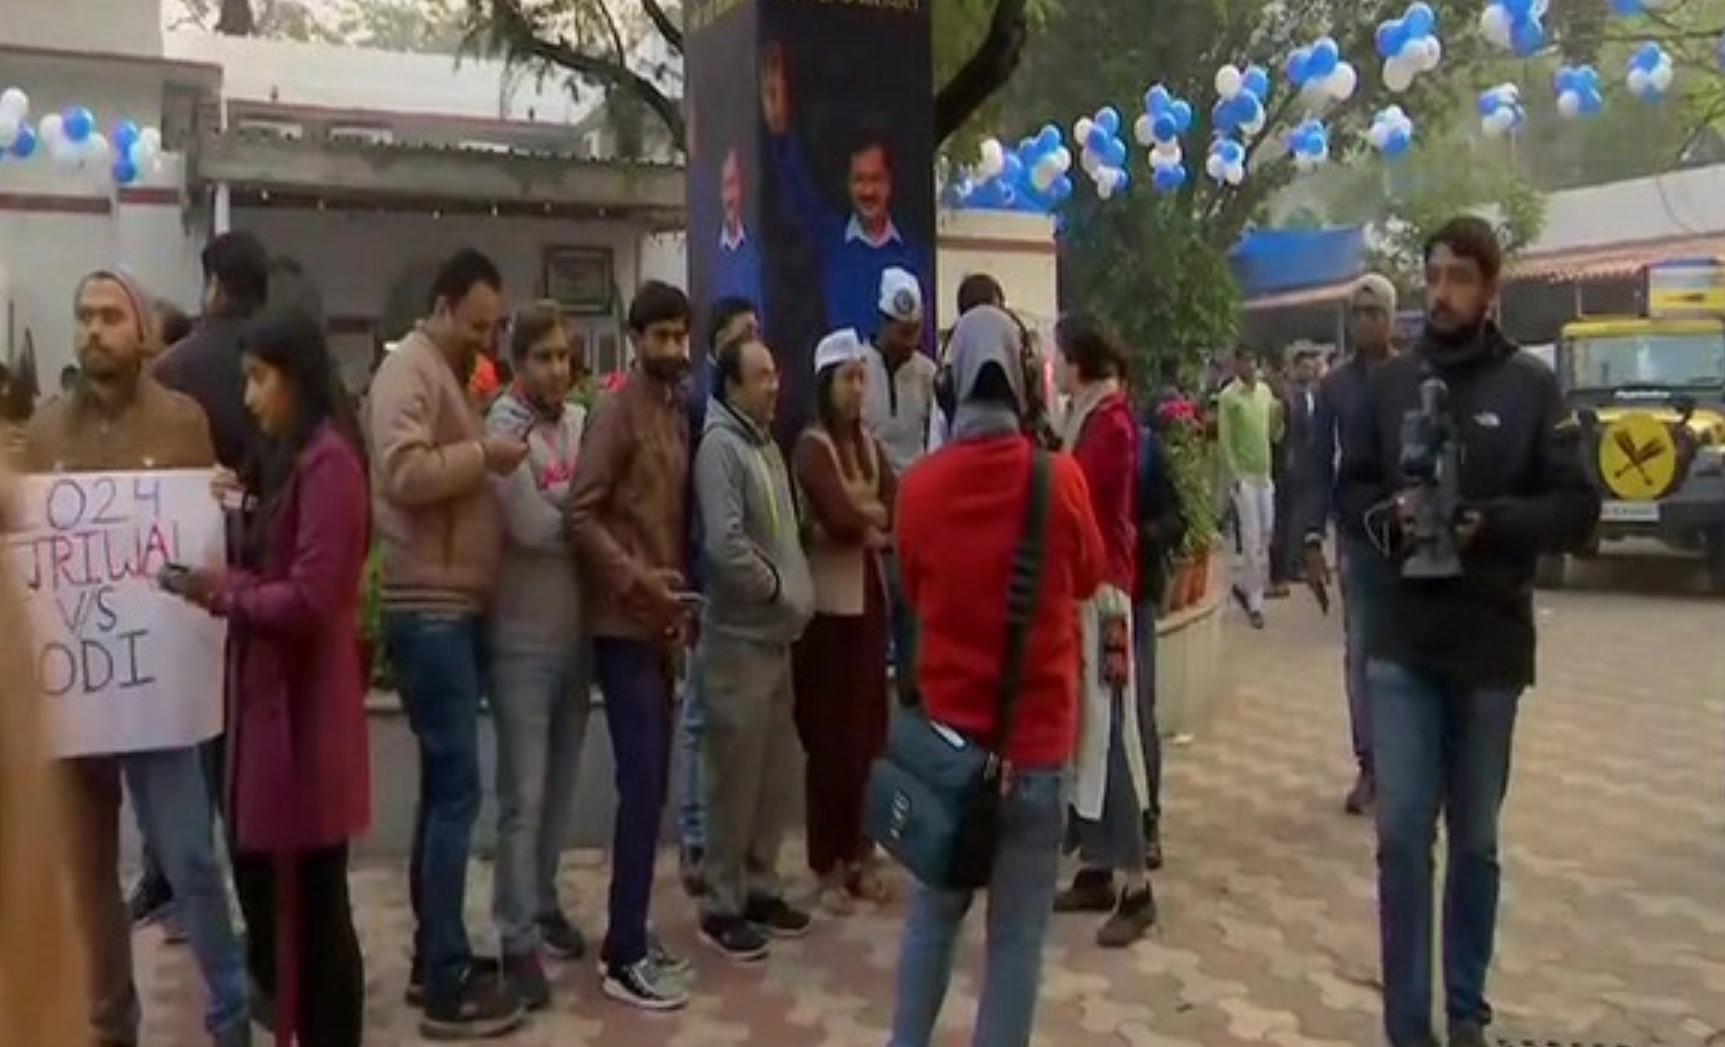 டெல்லி தேர்தல் : மோடி வாழ்த்து… இணைந்து செயல்பட அரவிந்த் கேஜ்ரிவால் விருப்பம்!